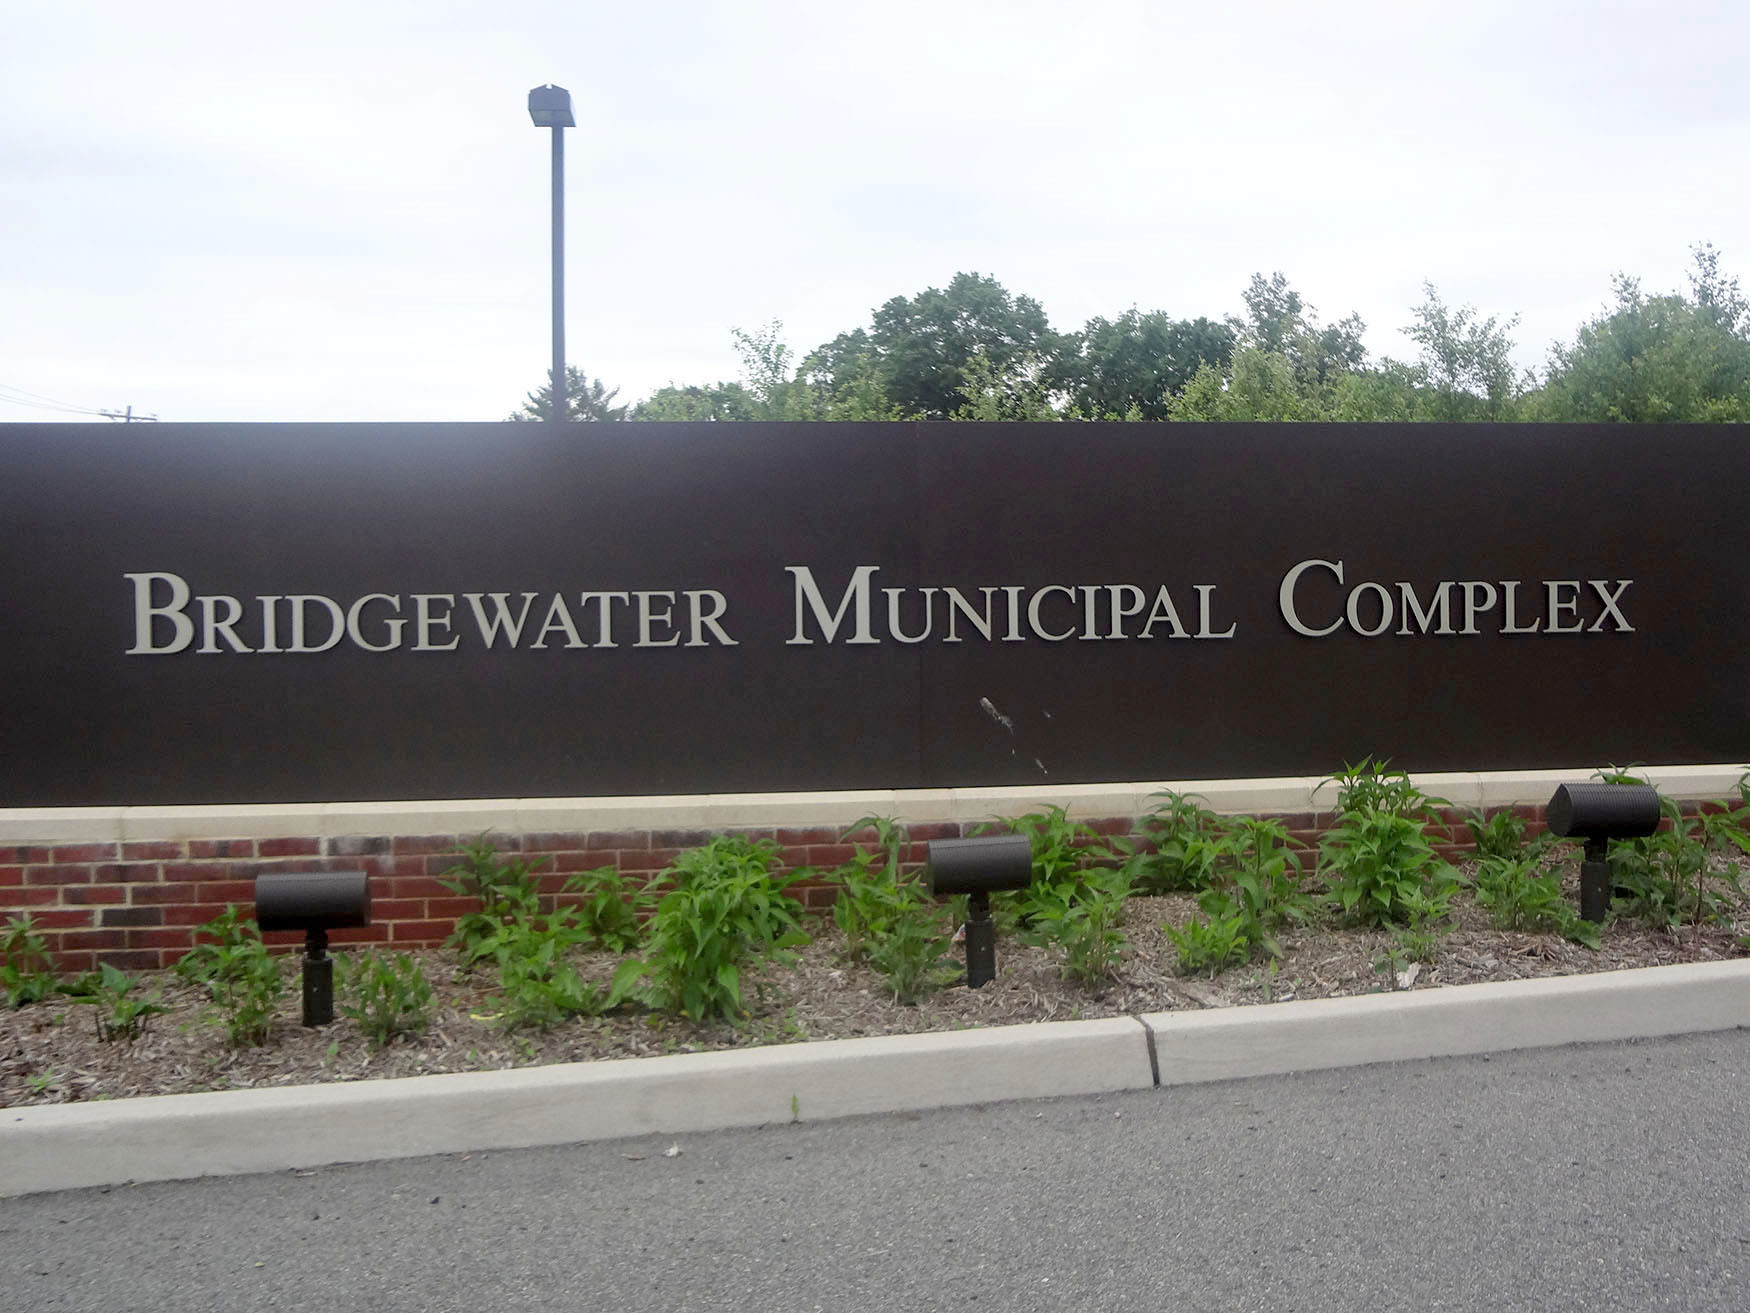 1ed1ee617a91e2e4d0d5_Bridgewater_municipal.jpg